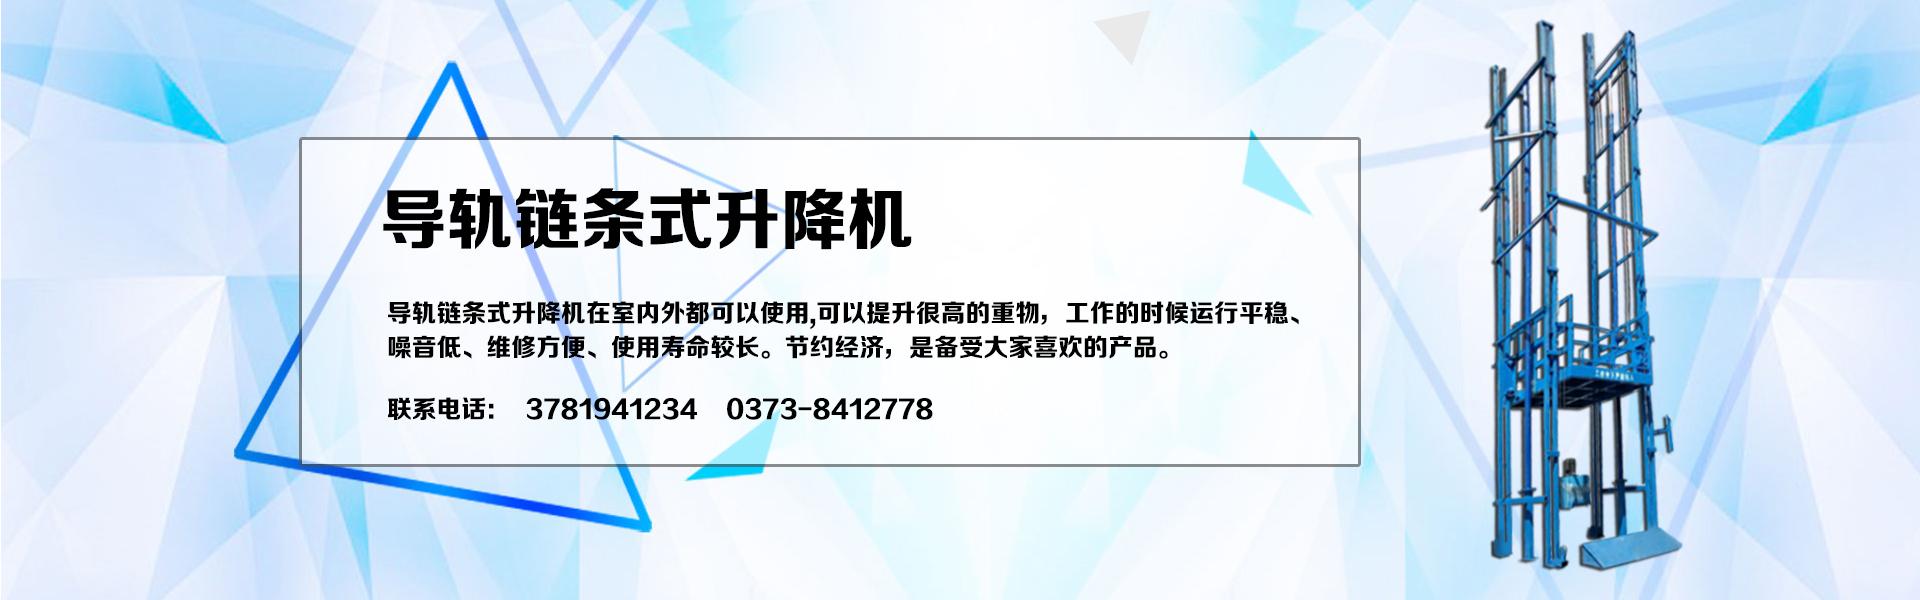 郑州升降机生产厂家,电话13781941234